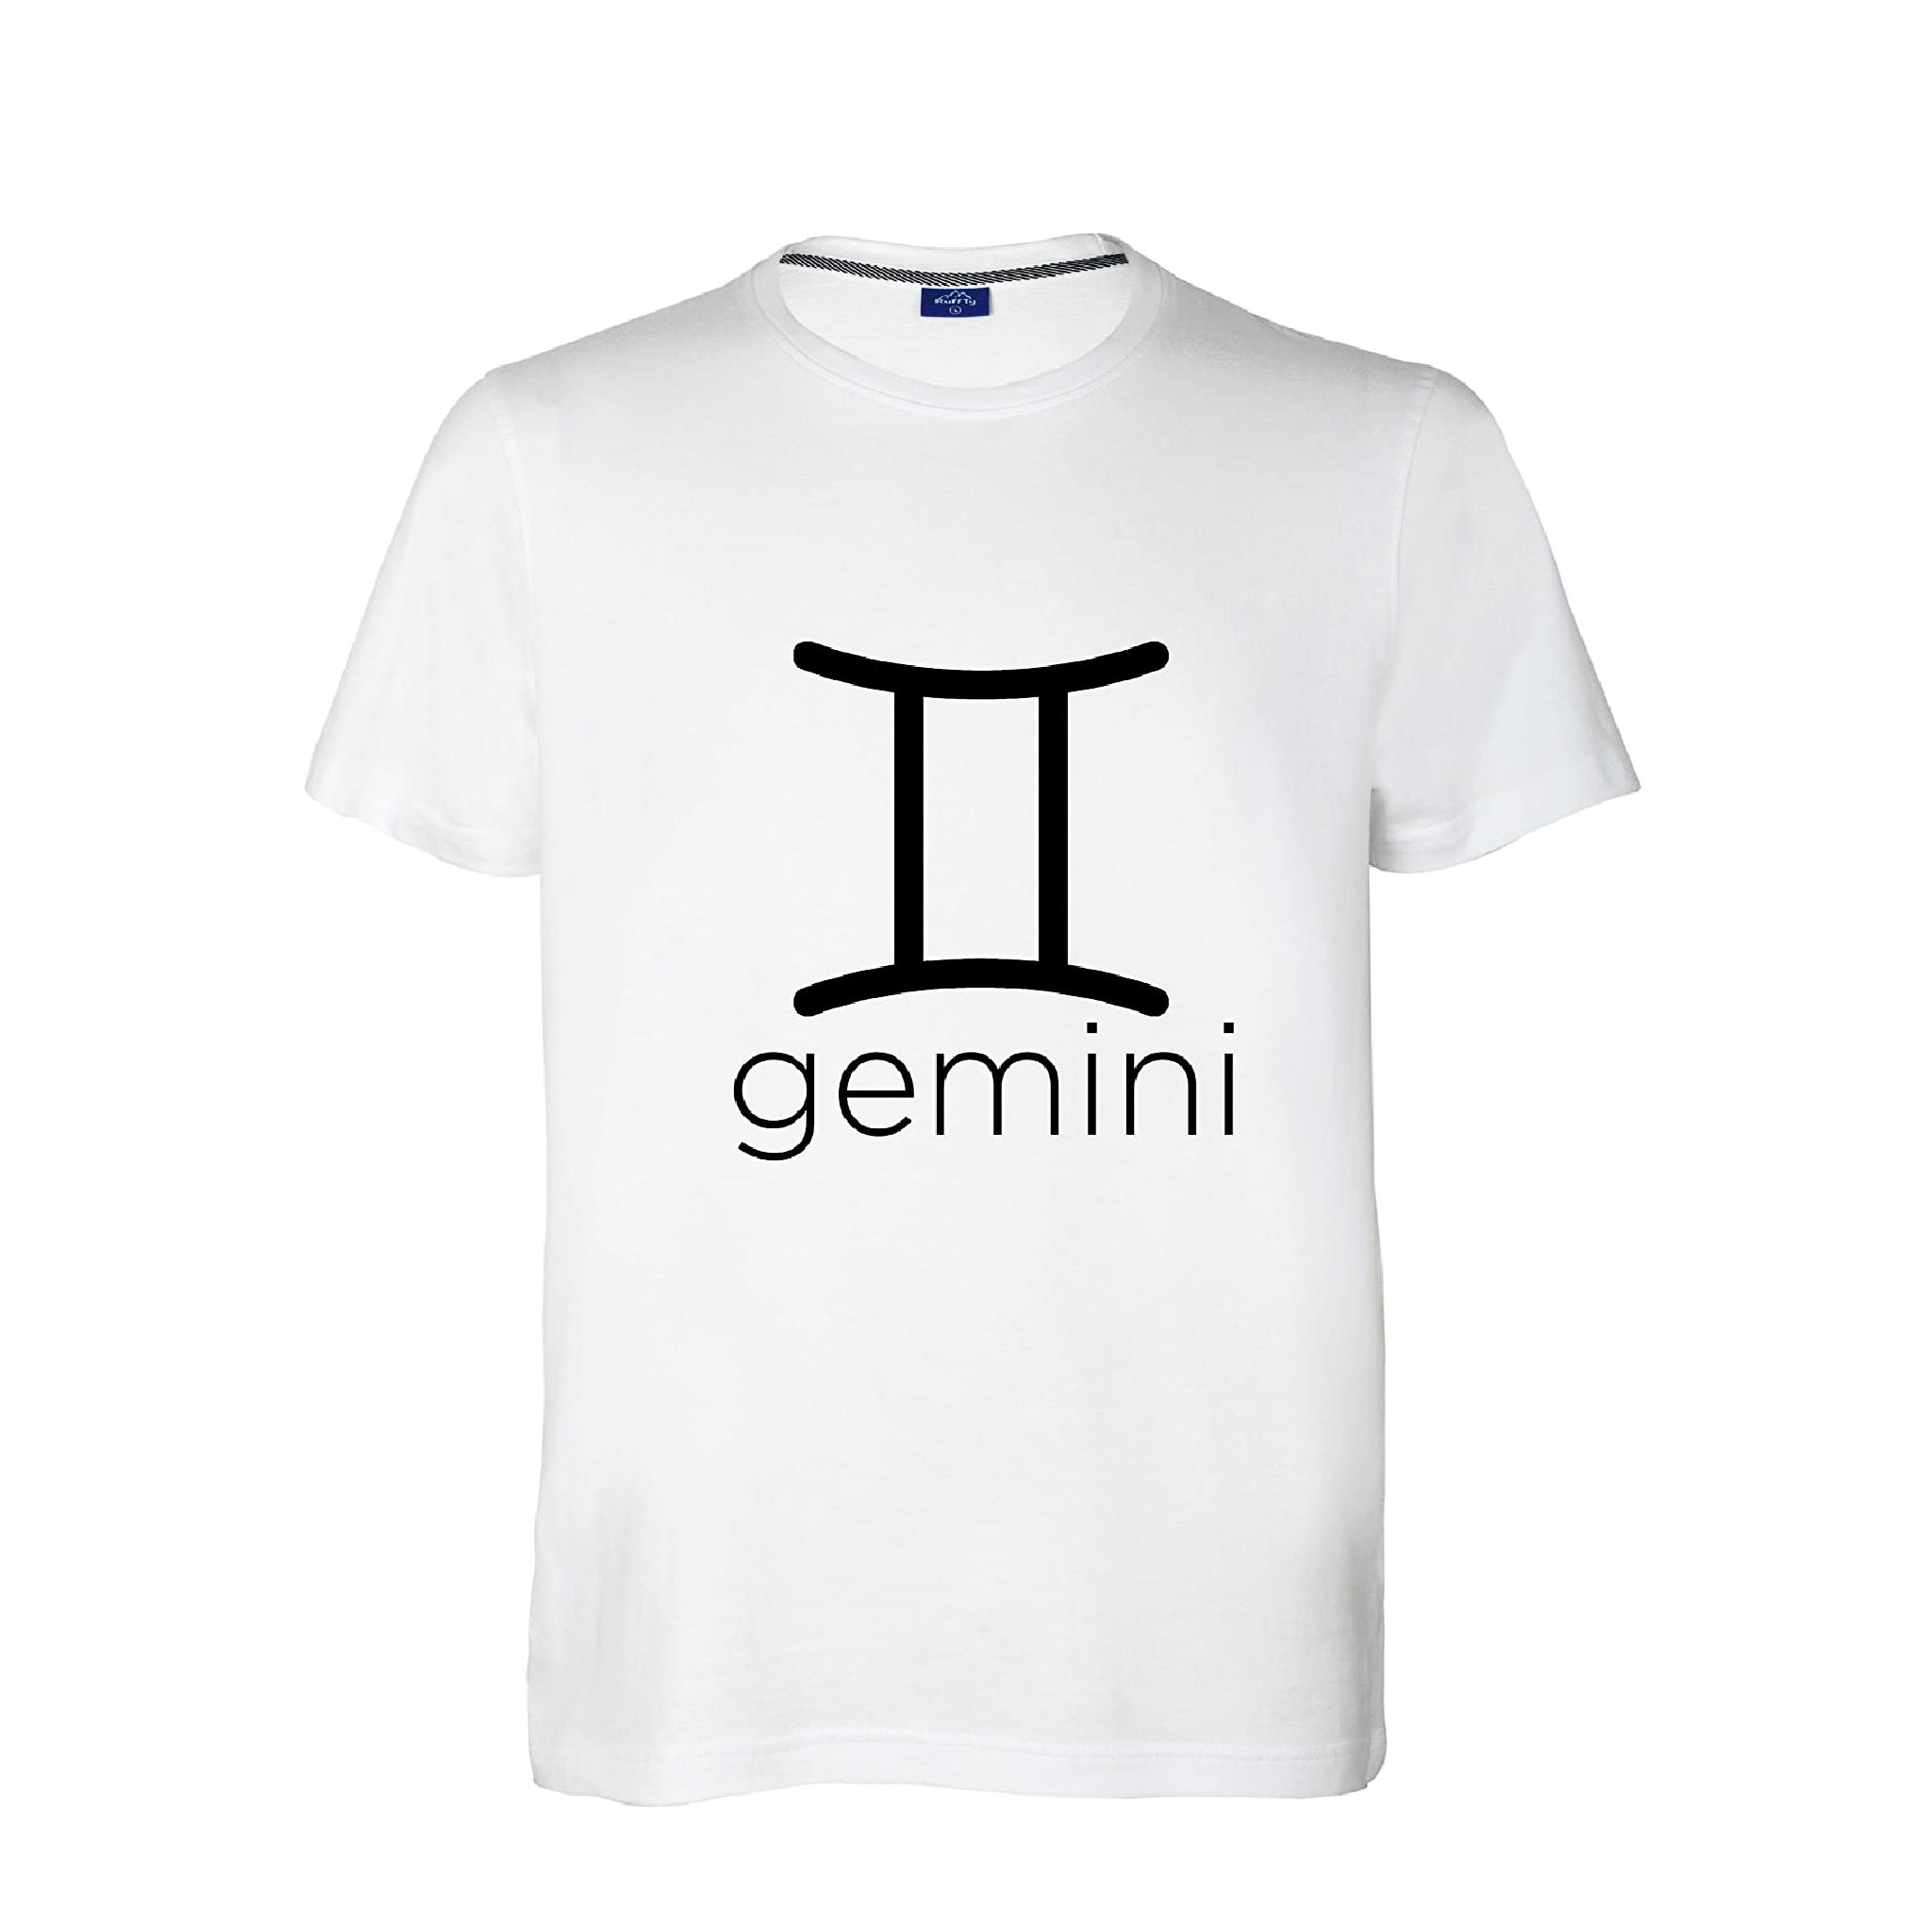 Gemini Gift Ideas VouchercodesUAE